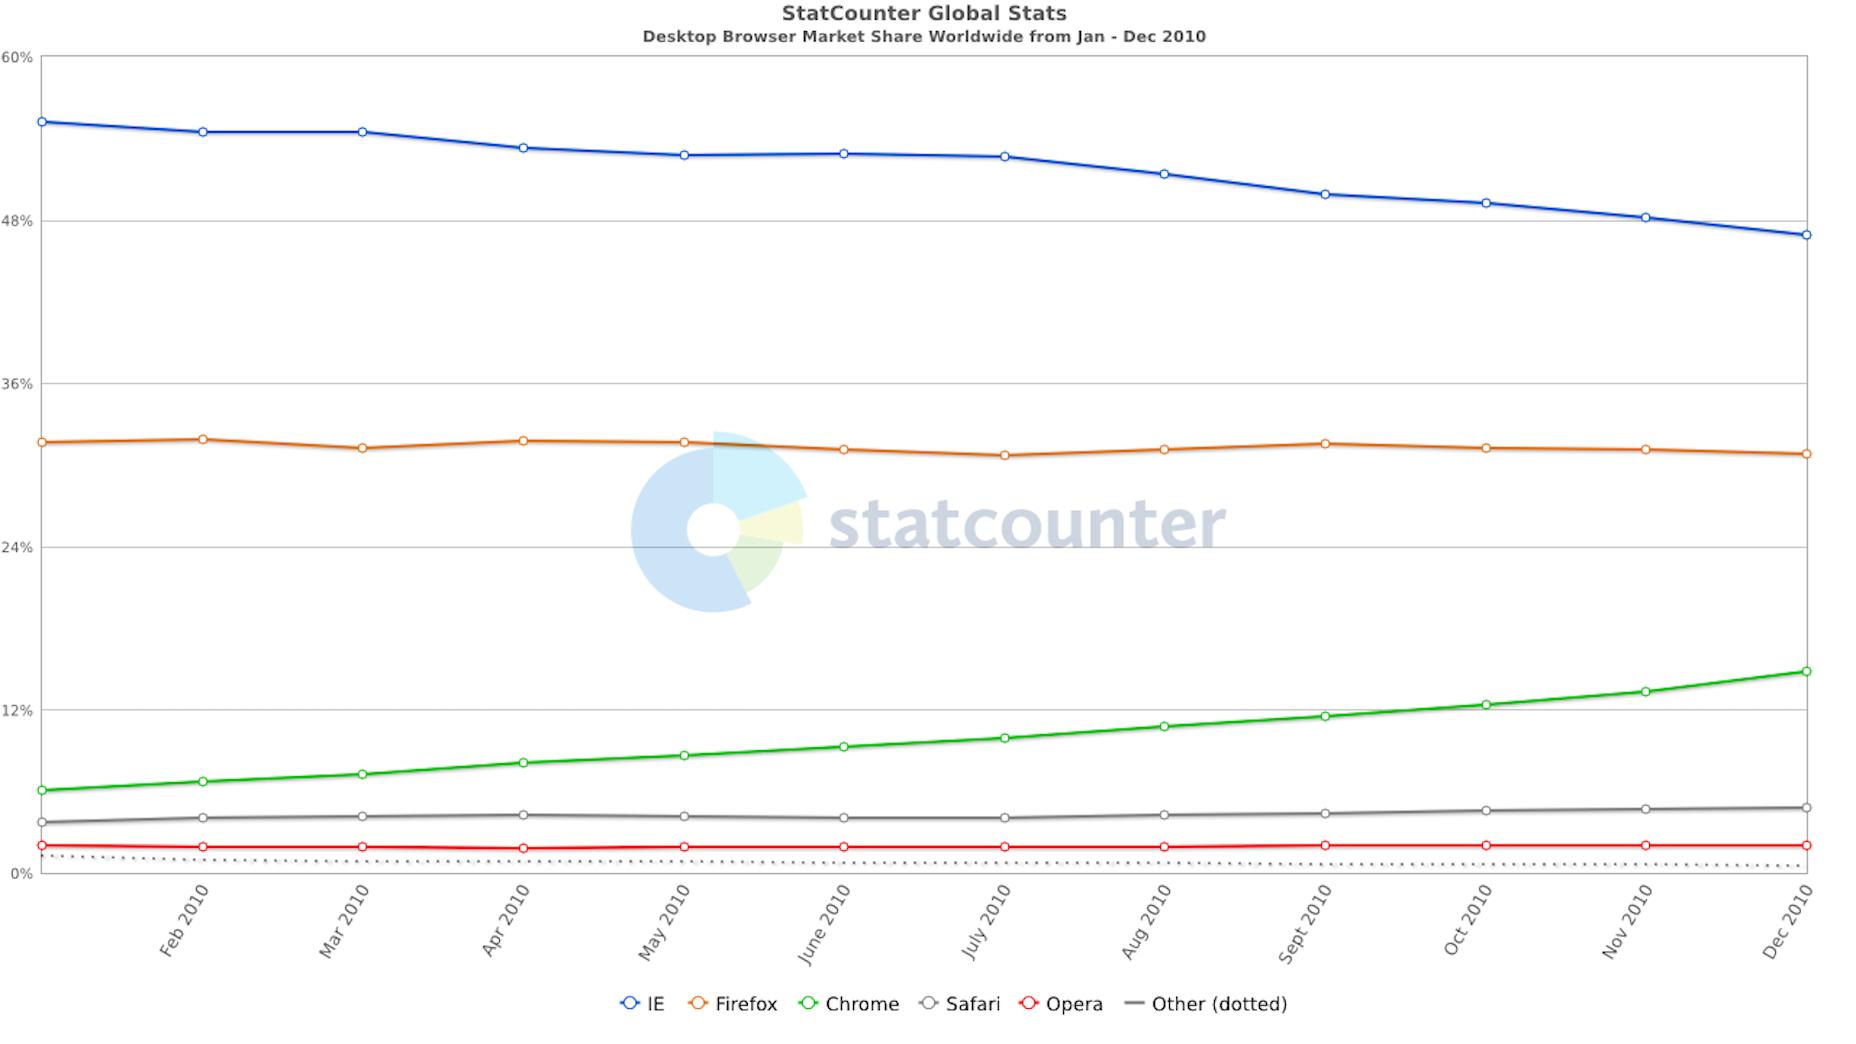 StatCounter-DesktopBrowser Market Share 2010